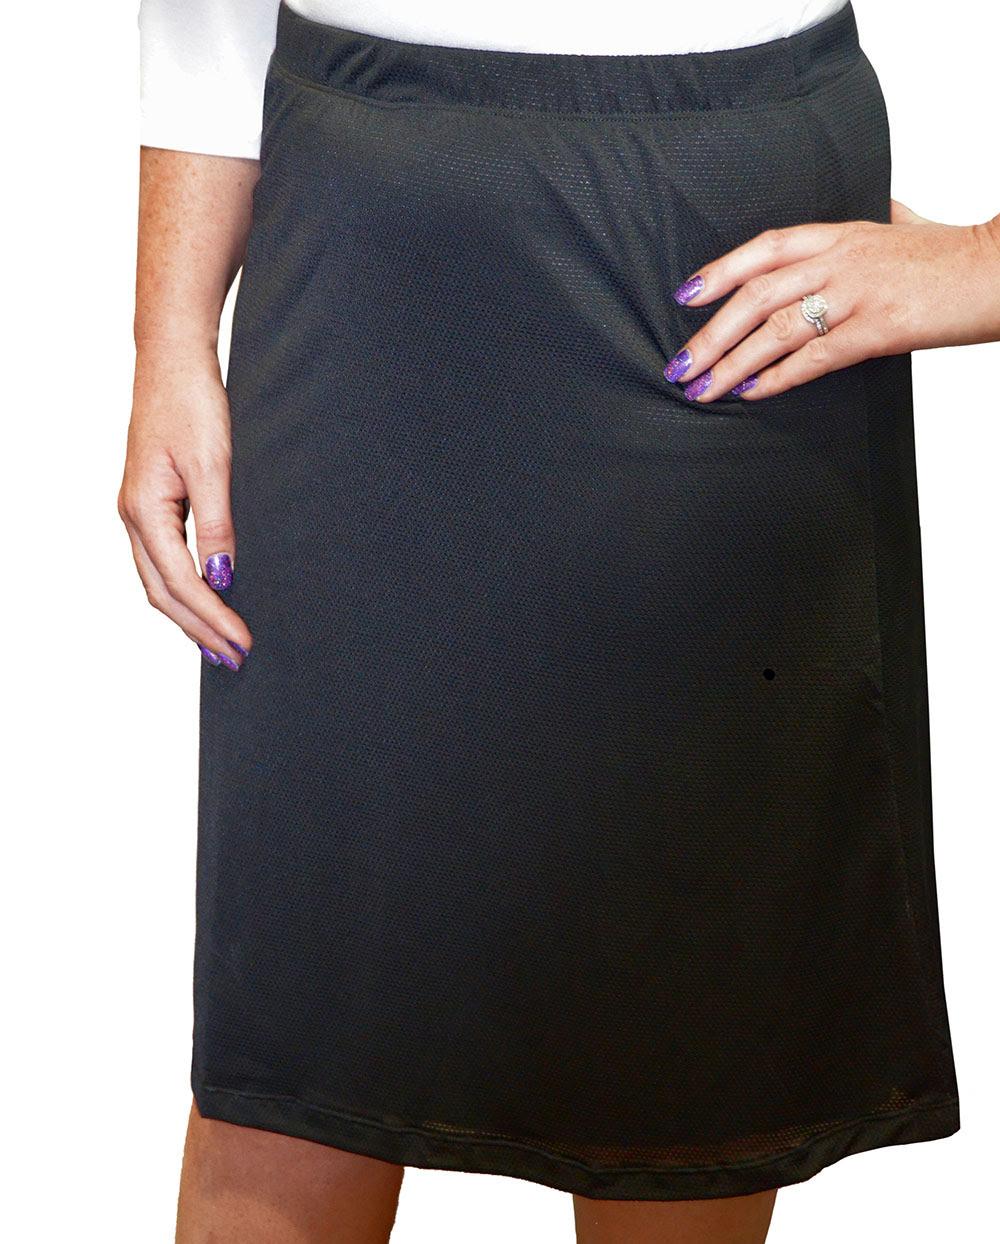 Mesh Running Skirt A-line for Girls. Long Skirts. Kosher Casual.